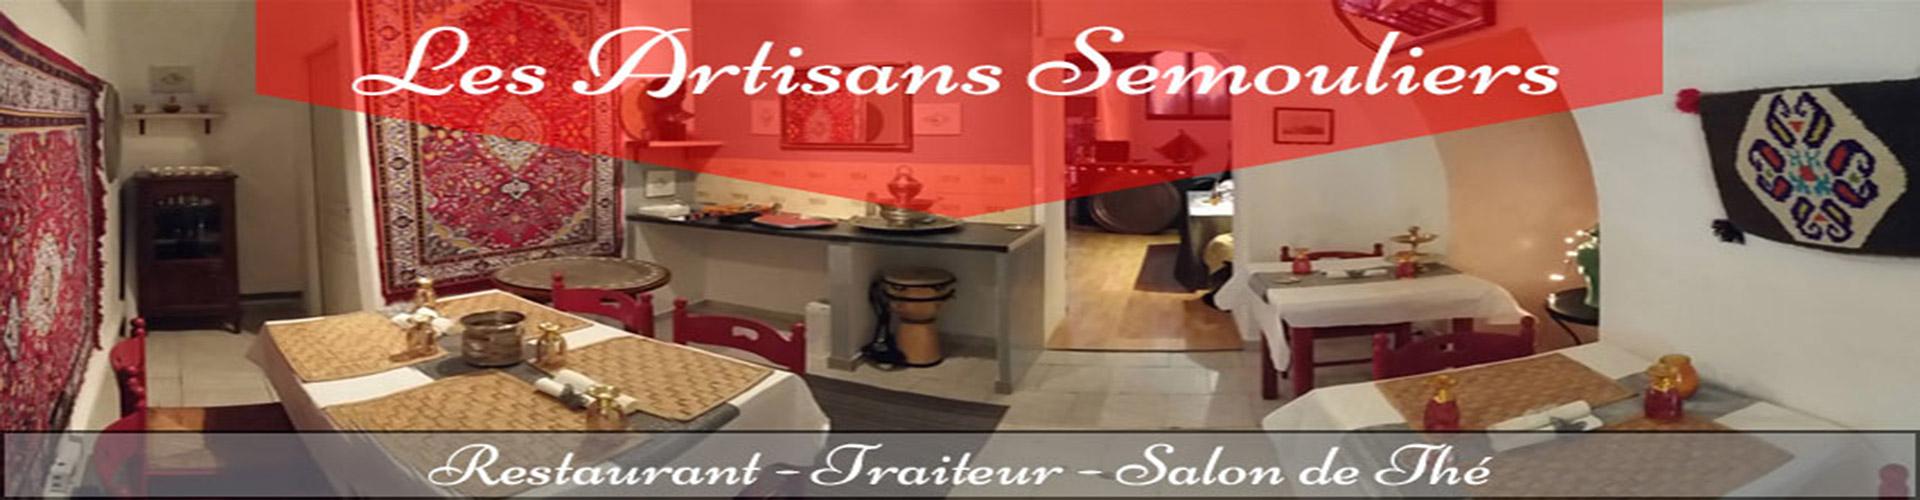 Les artisans semouliers, traiteur oriental à Lodève